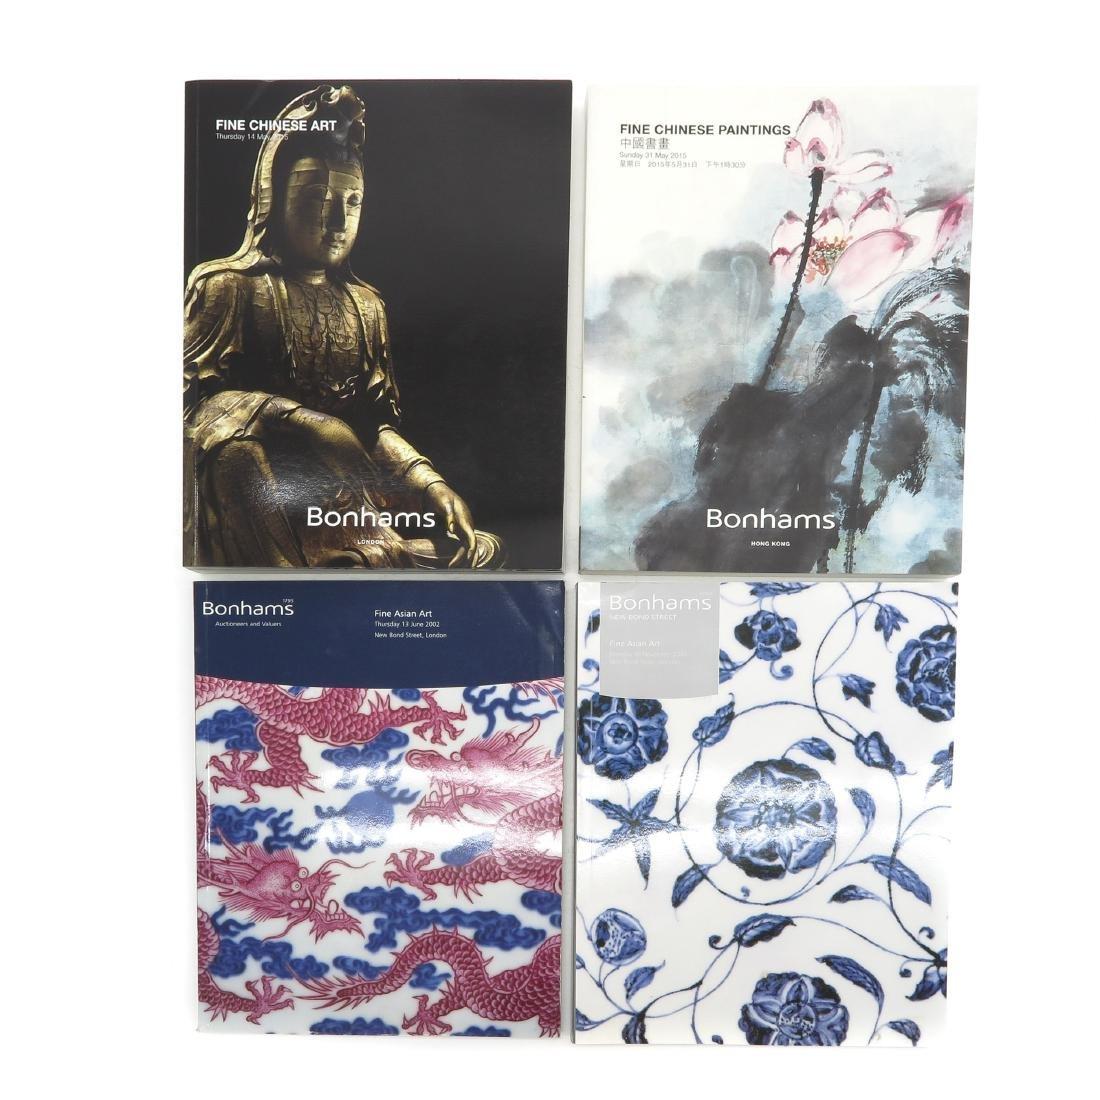 Lot of 12 Auction Catalogs - 3